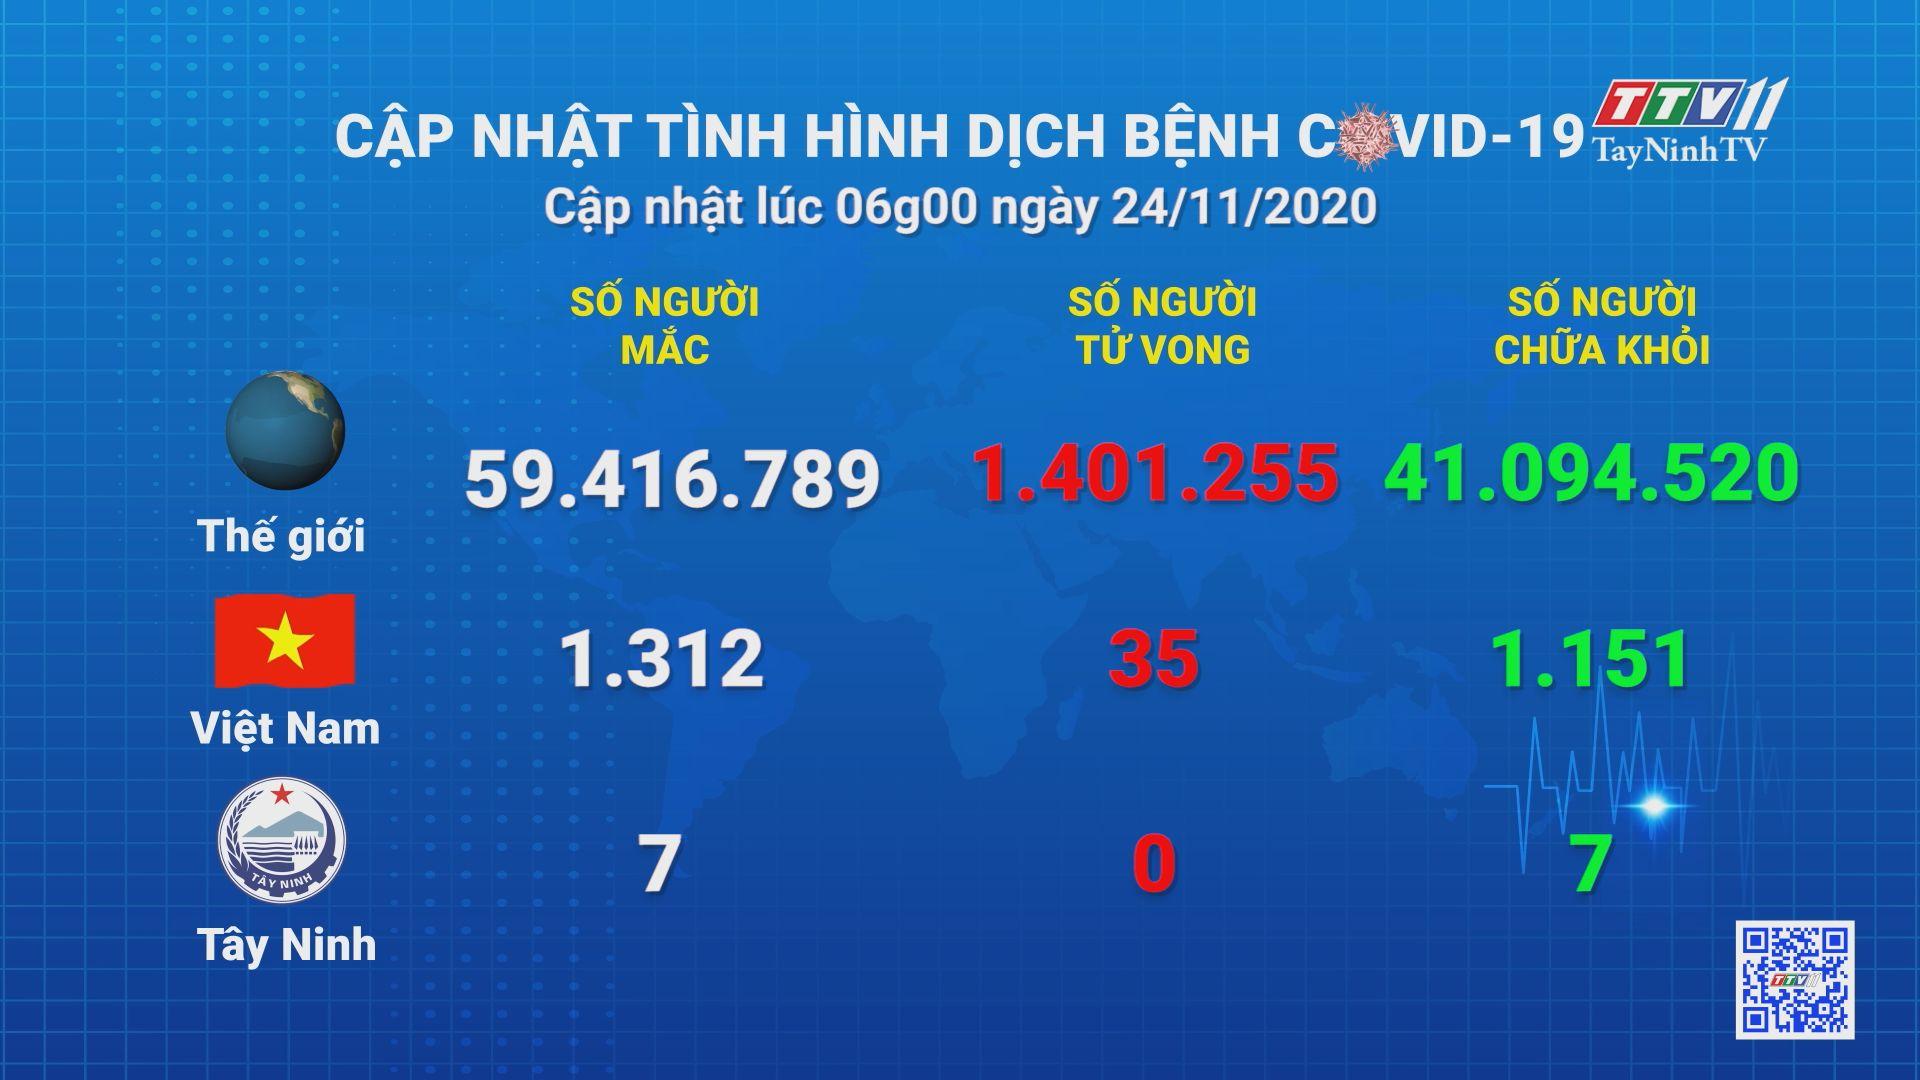 Cập nhật tình hình Covid-19 vào lúc 06 giờ 24-11-2020 | Thông tin dịch Covid-19 | TayNinhTV